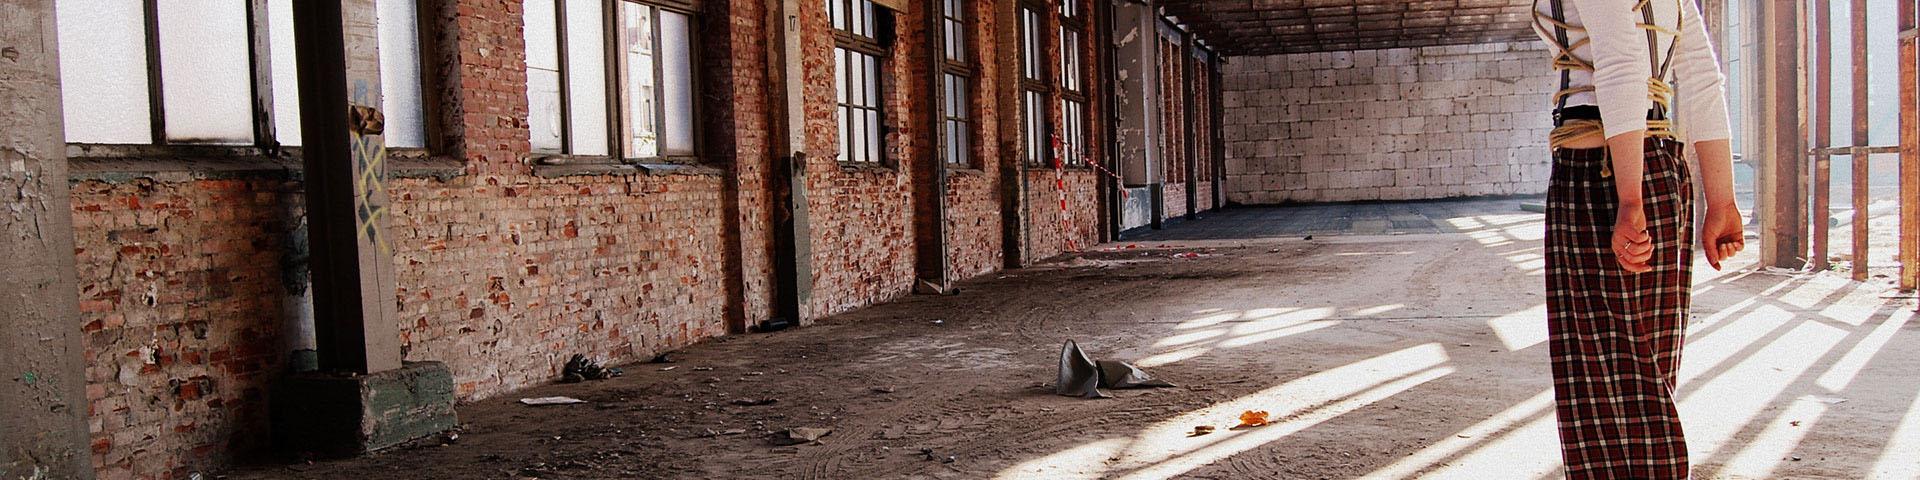 Kulturfabrik Löseke